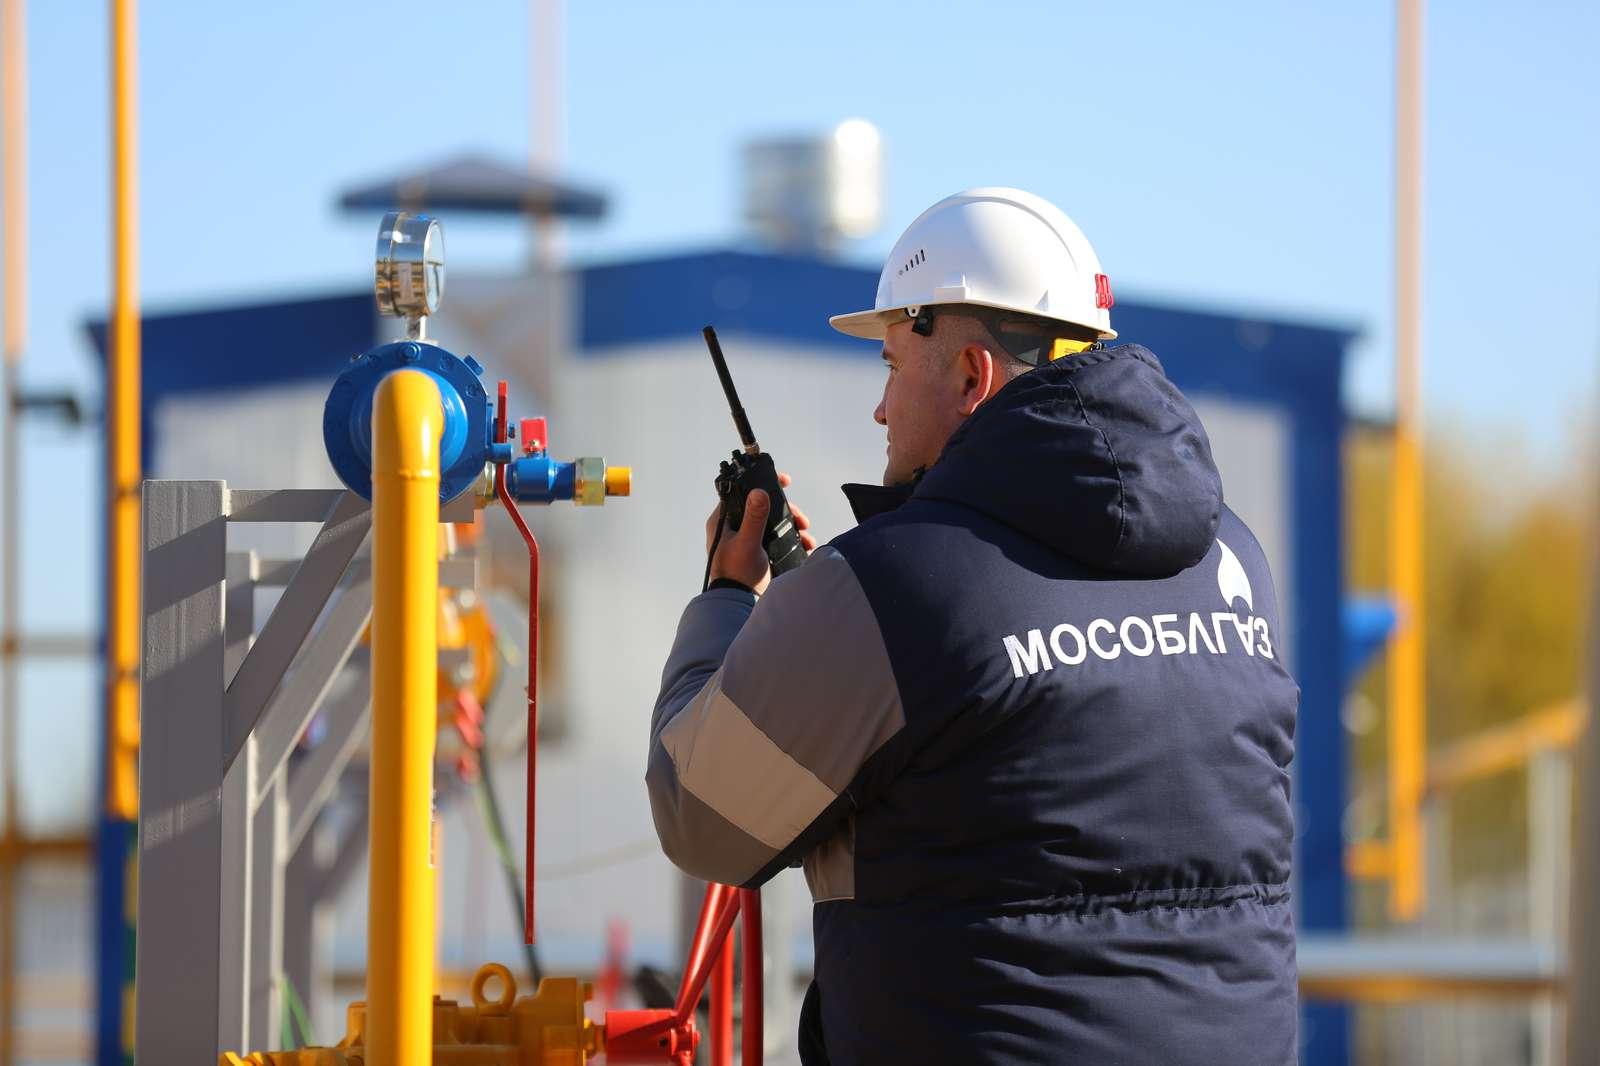 Обновленная ГРС «Огонек» в Сергиевом Посаде обеспечит газом свыше 5 тысяч жителей | Изображение 2